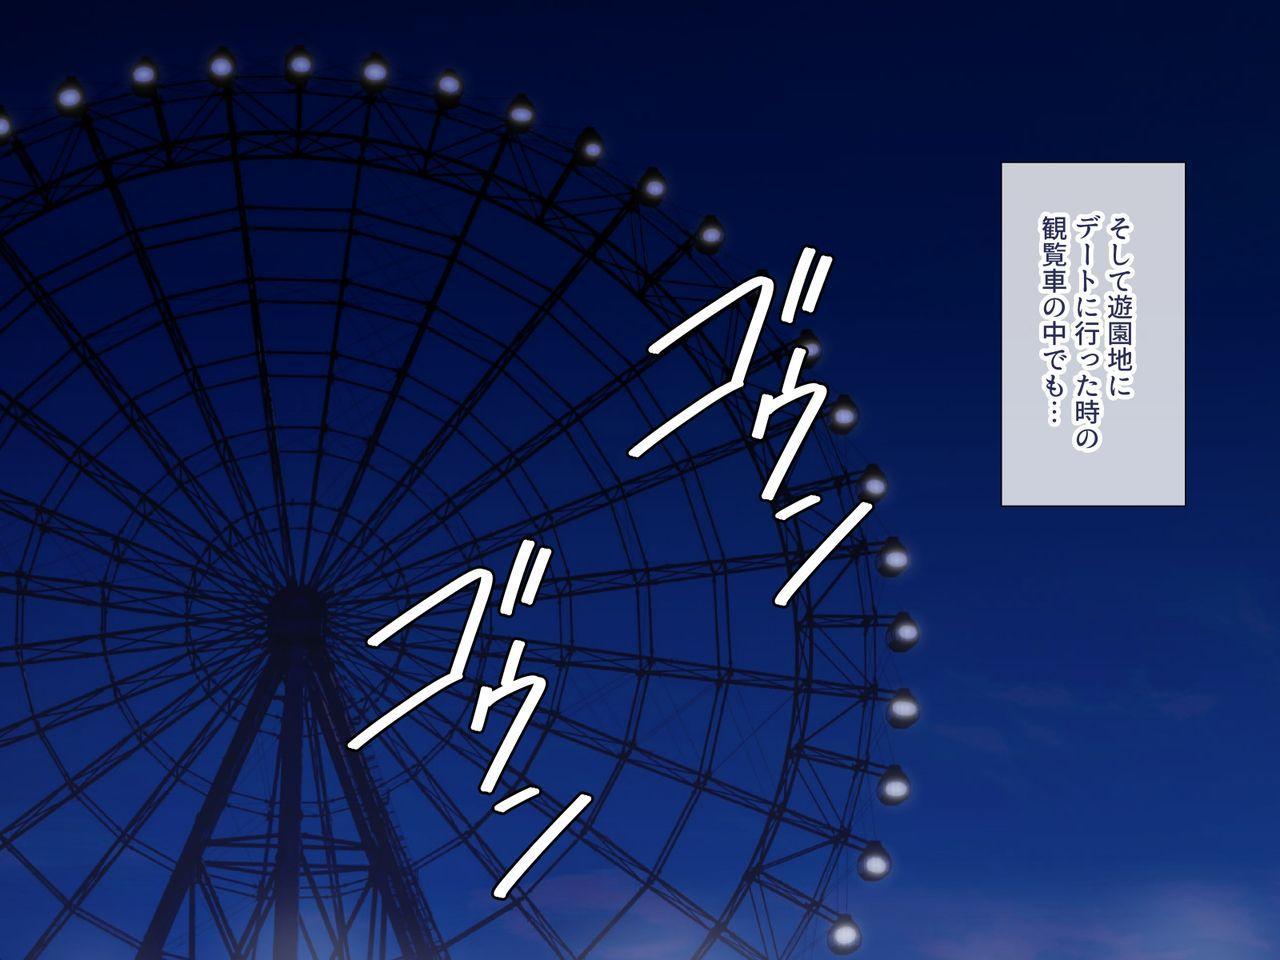 Uchiki na Jyumai ga Ore no Tame ni Karada o Kitaeta Kekka 56